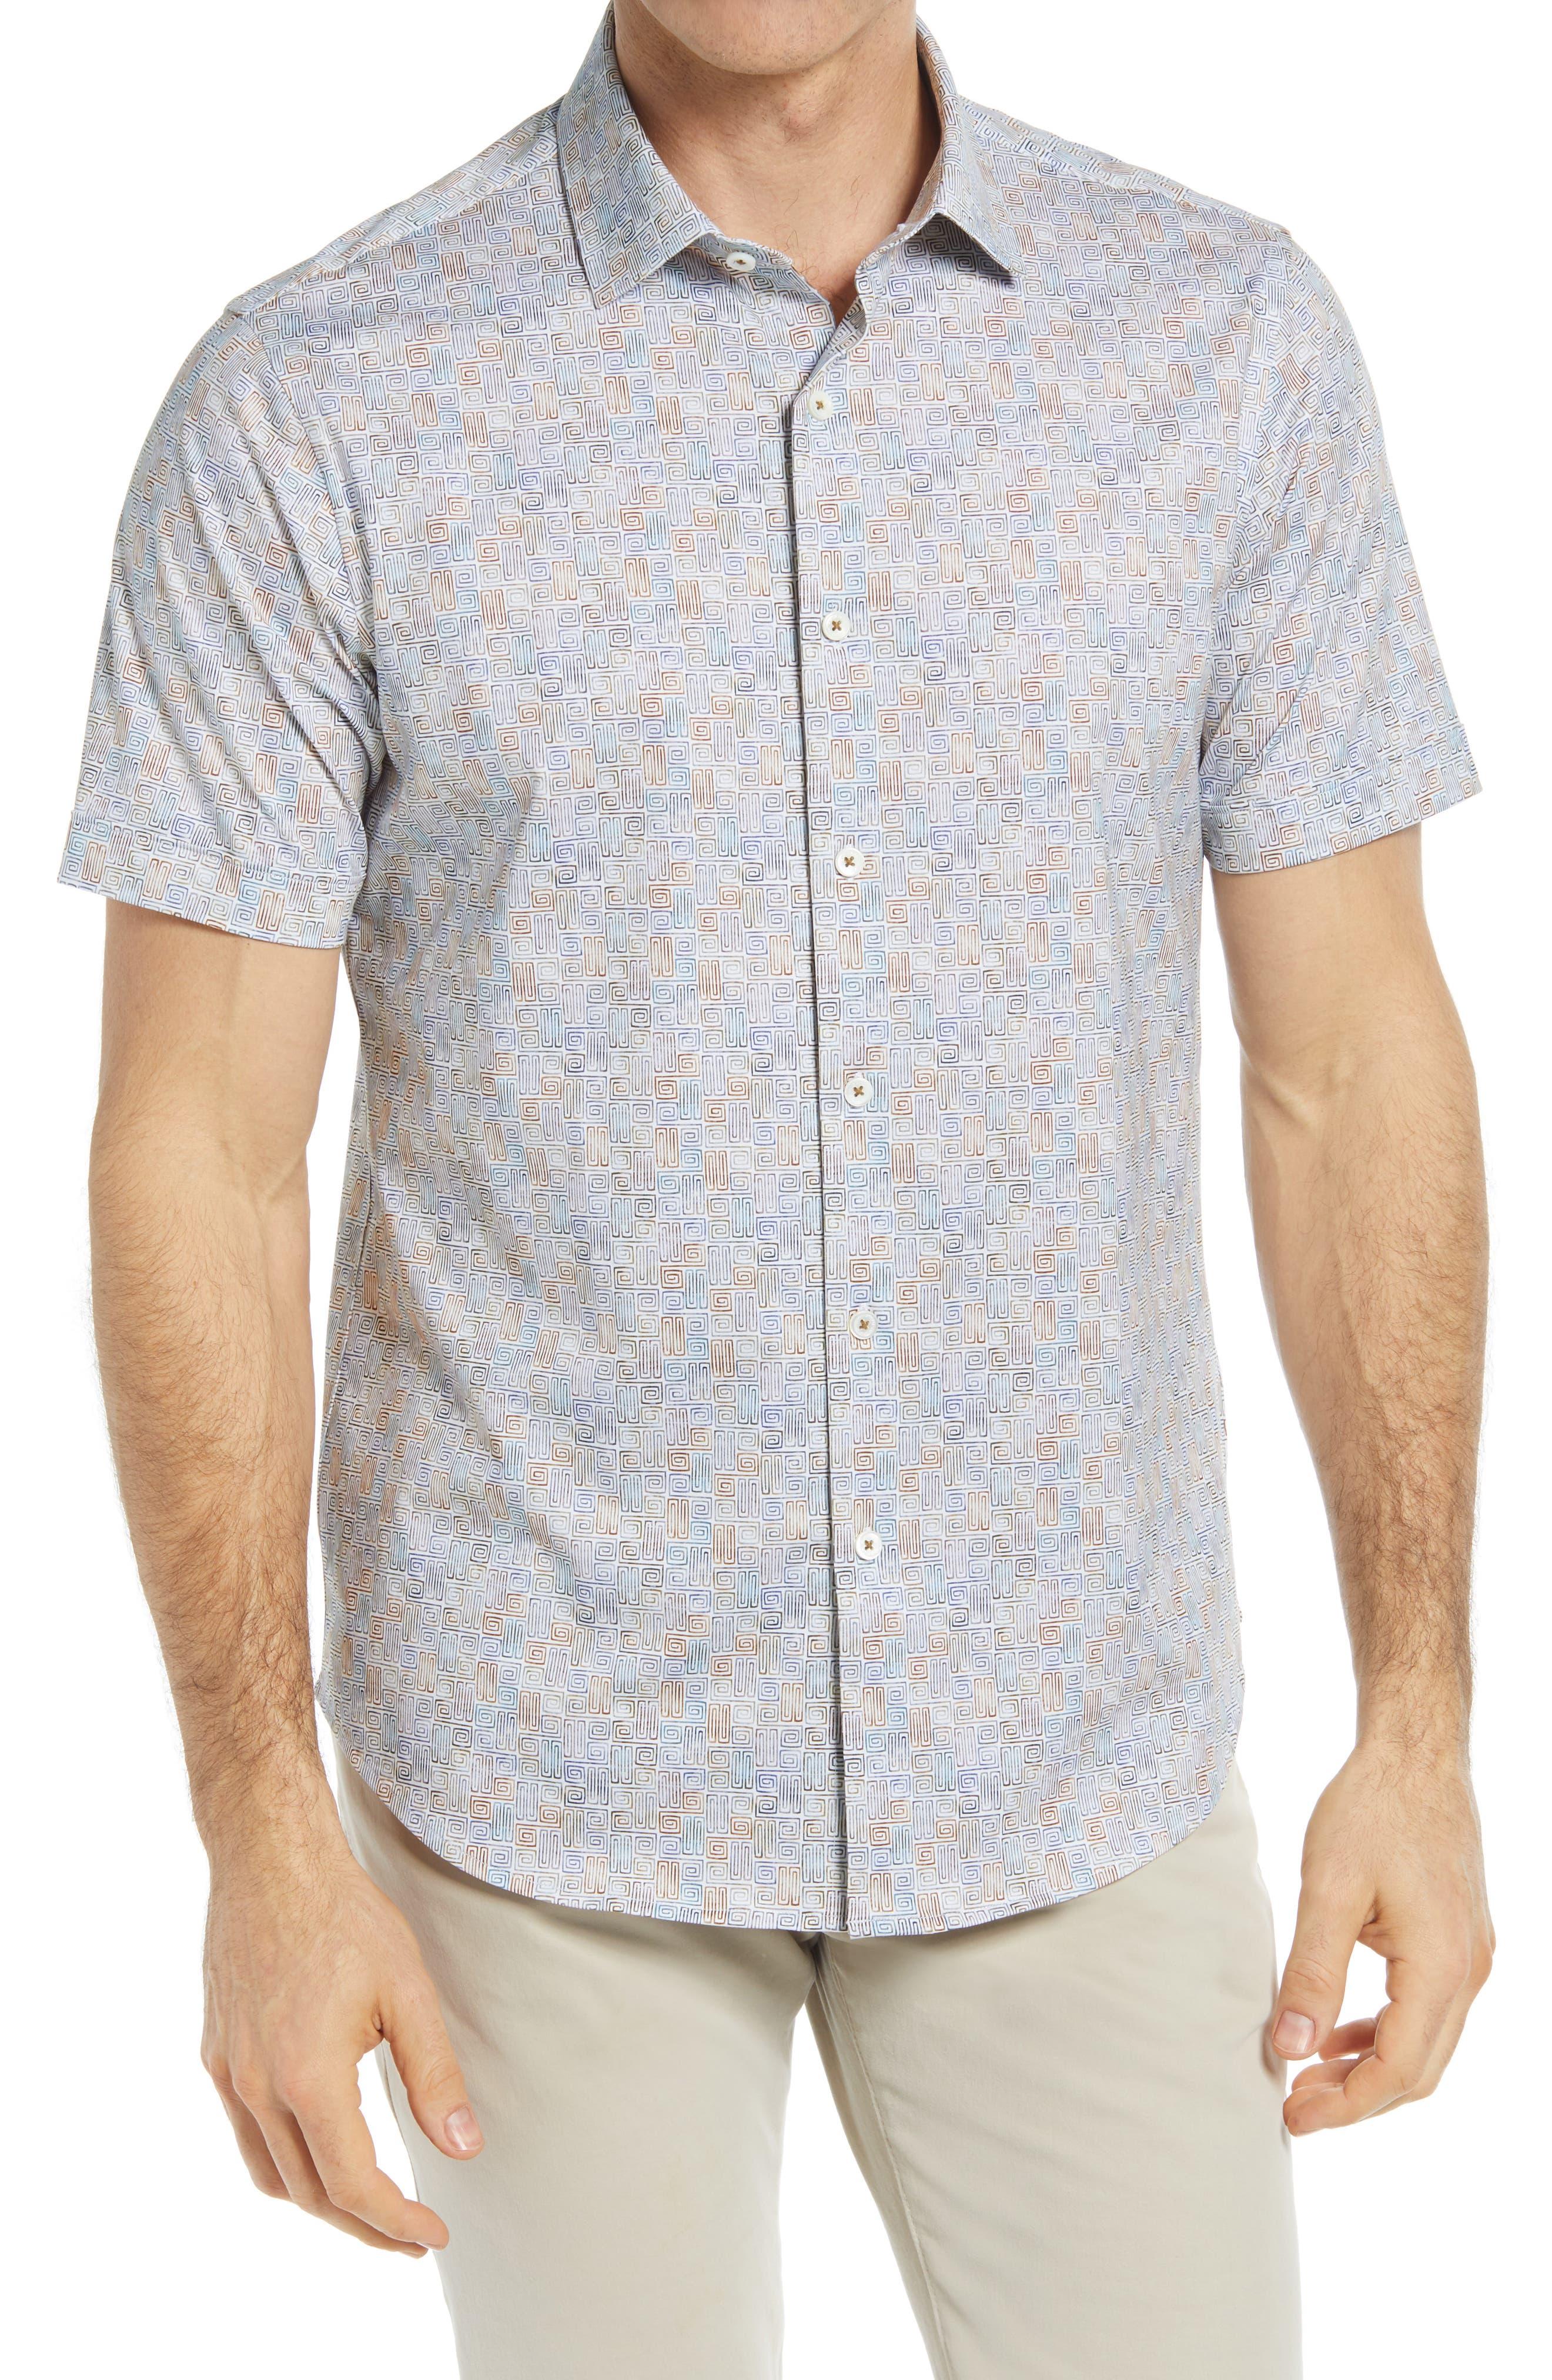 Ooohcotton Tech Greek Key Button-Up Shirt